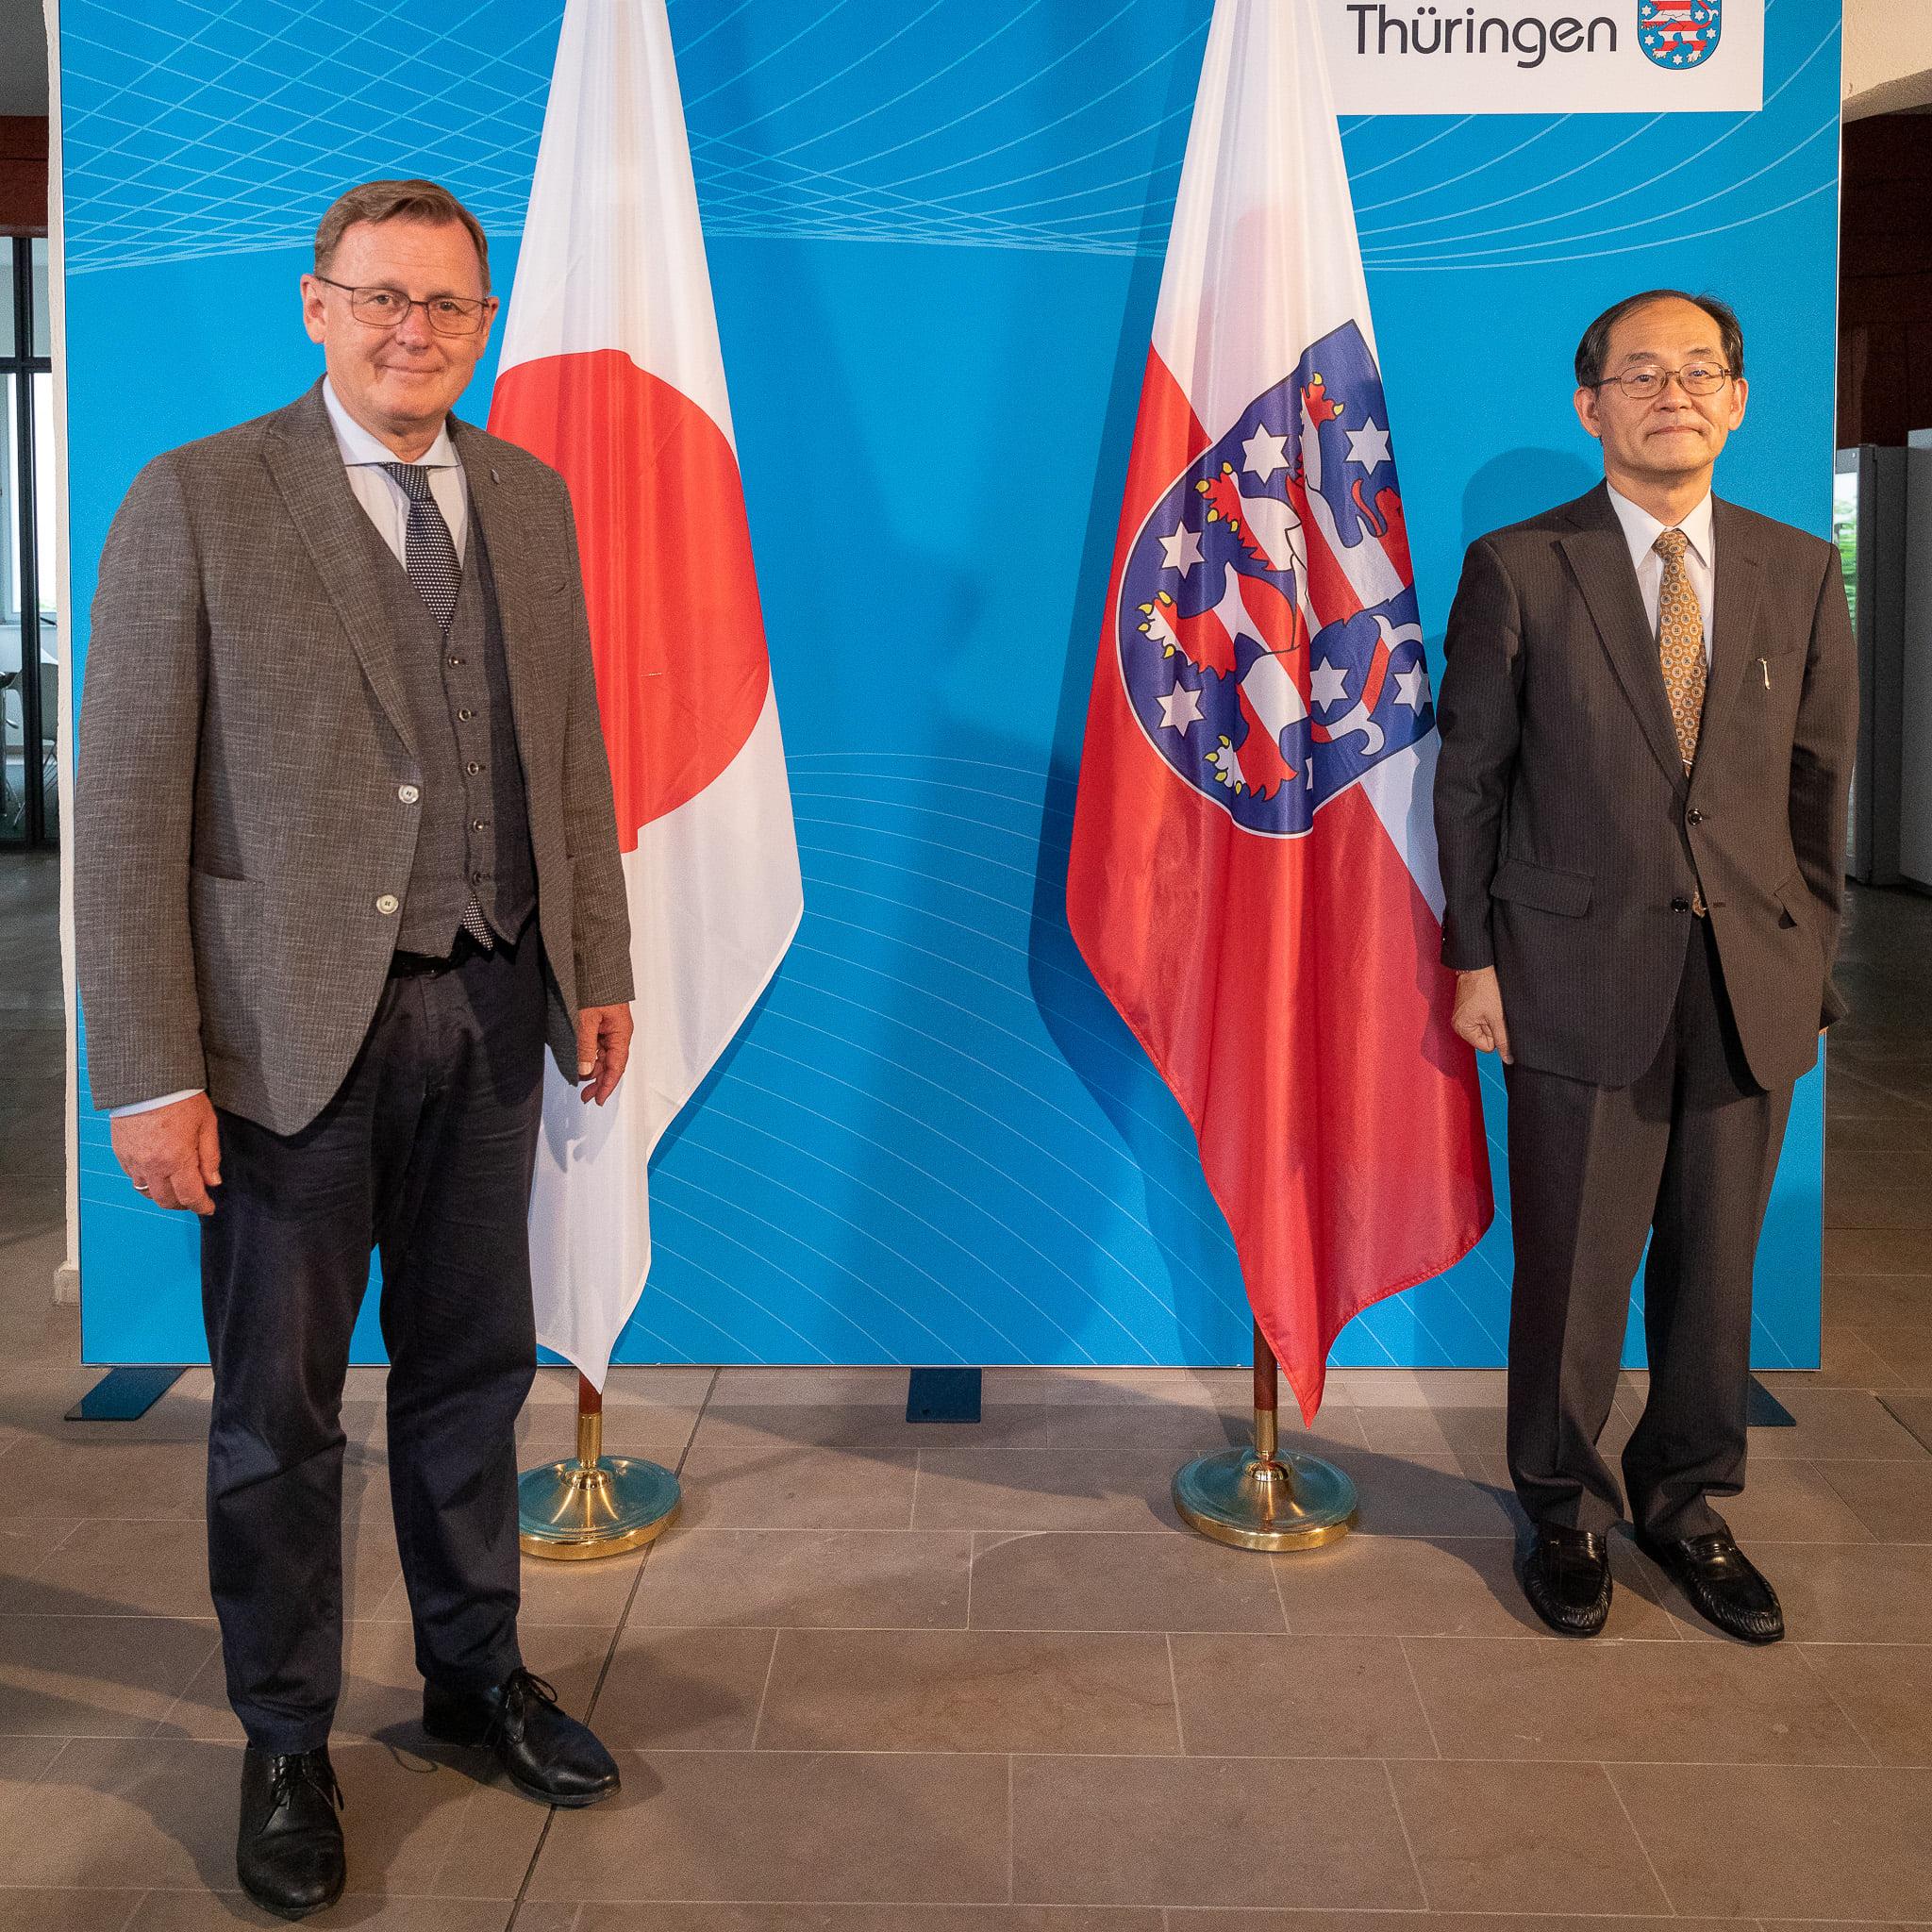 Ministerpräsident Bodo Ramelow beim Empfang des japanischen Botschafters Hidenao Yanagi in der Thüringer Staatskanzlei